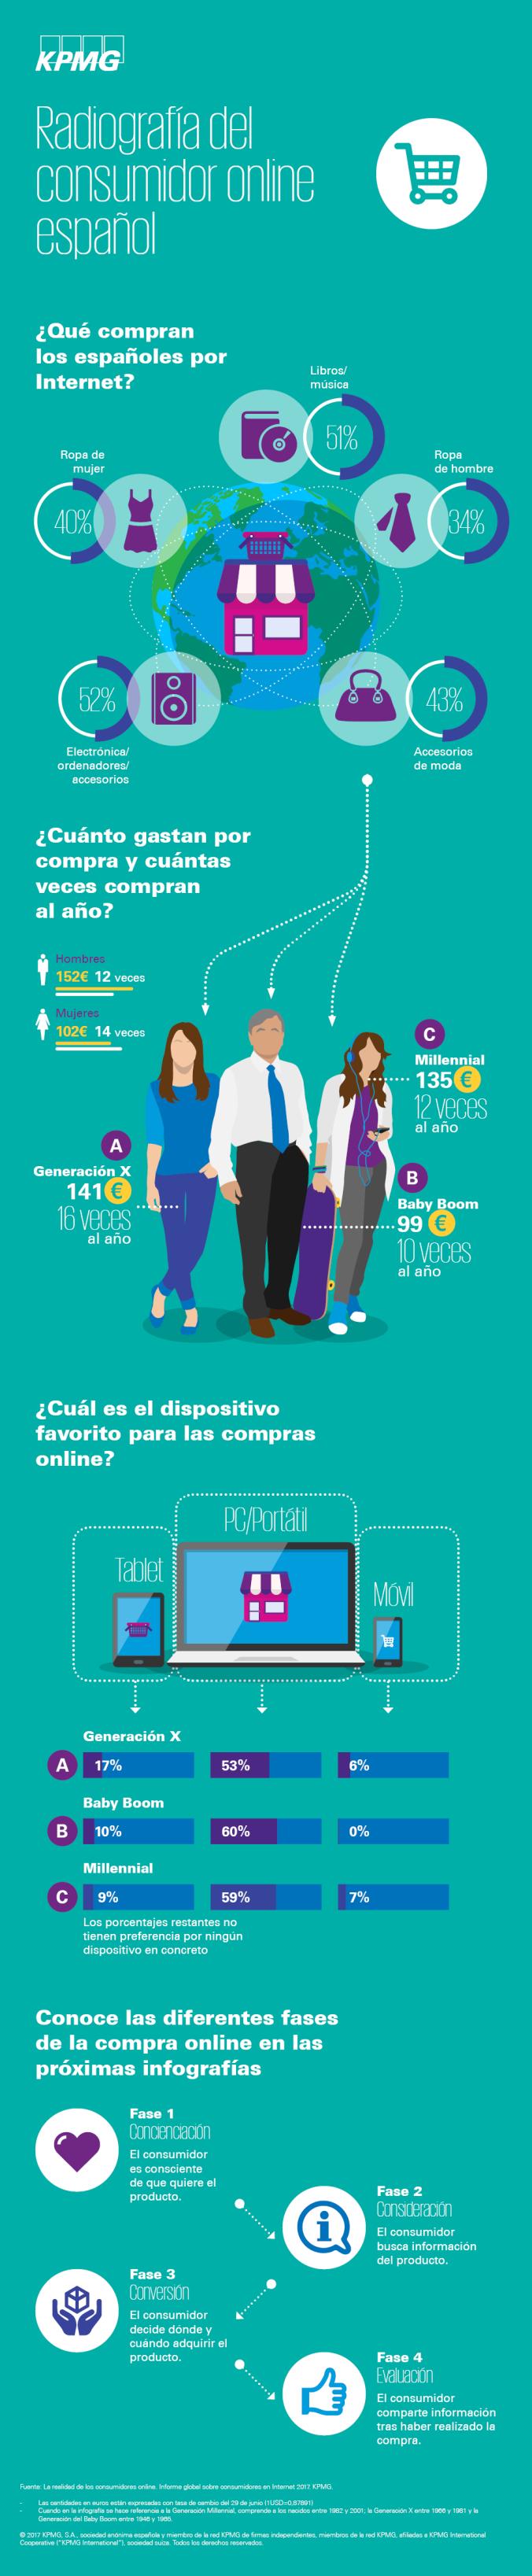 Radiografía del consumidor online español